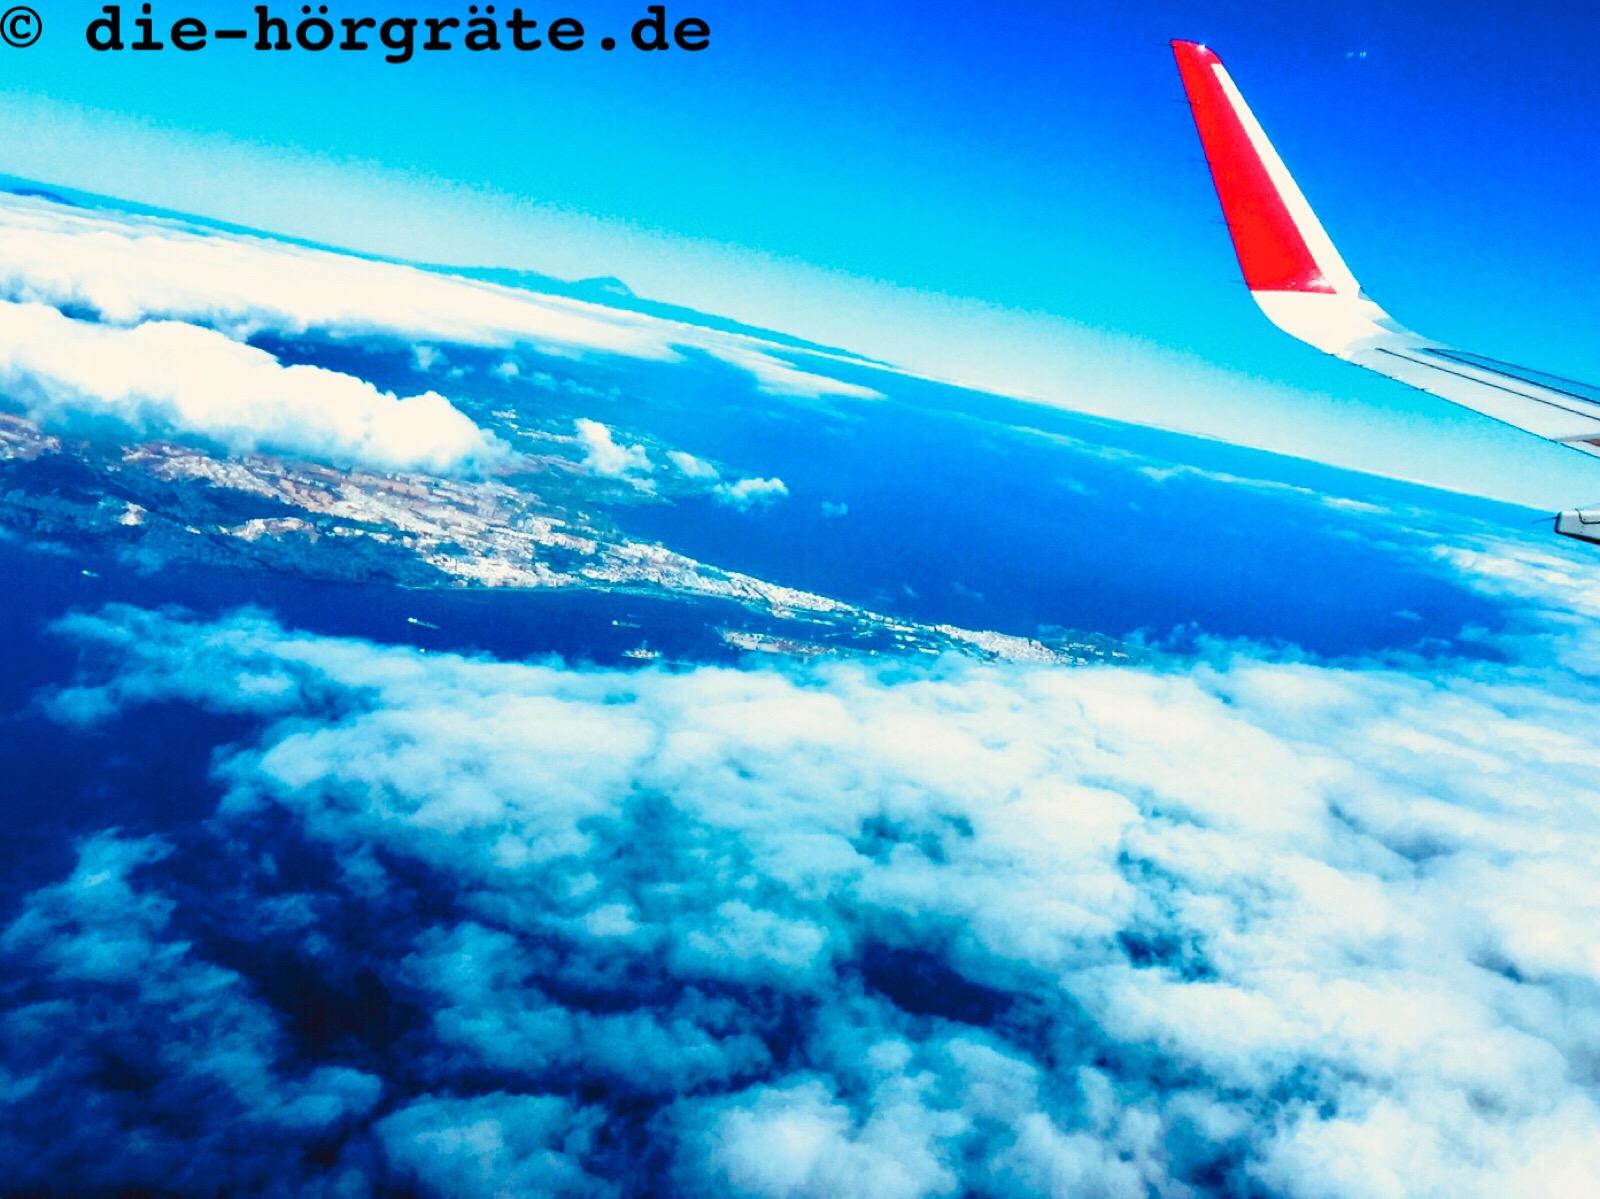 Himmel und Tragfläche